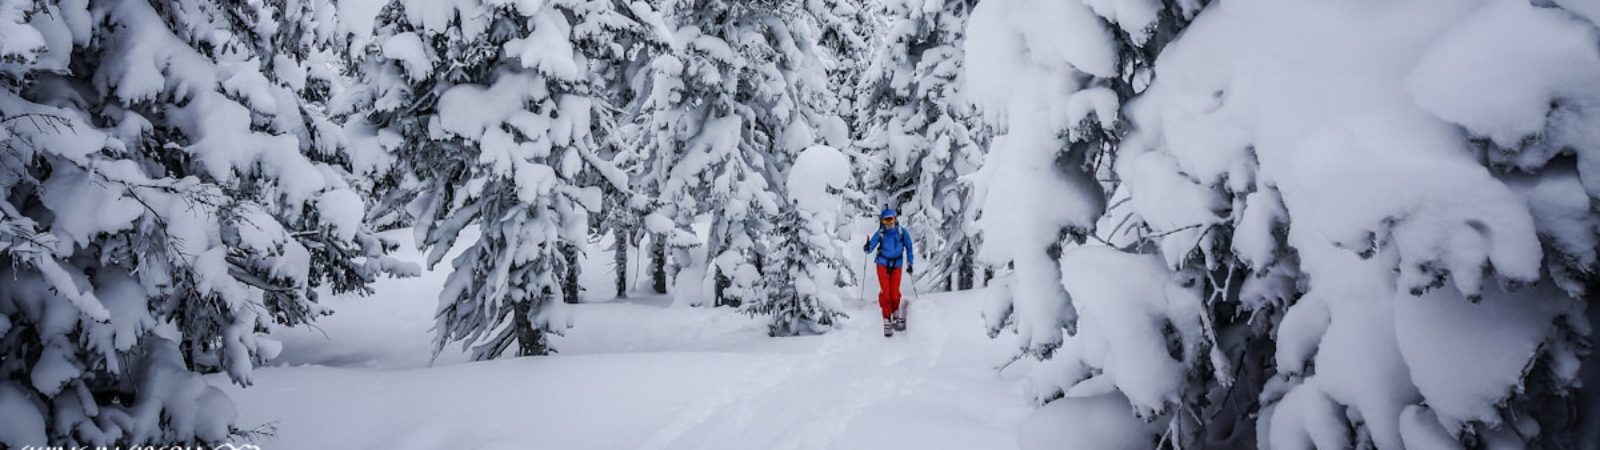 Ski touring in Khamar-Daban, Baikal Lake